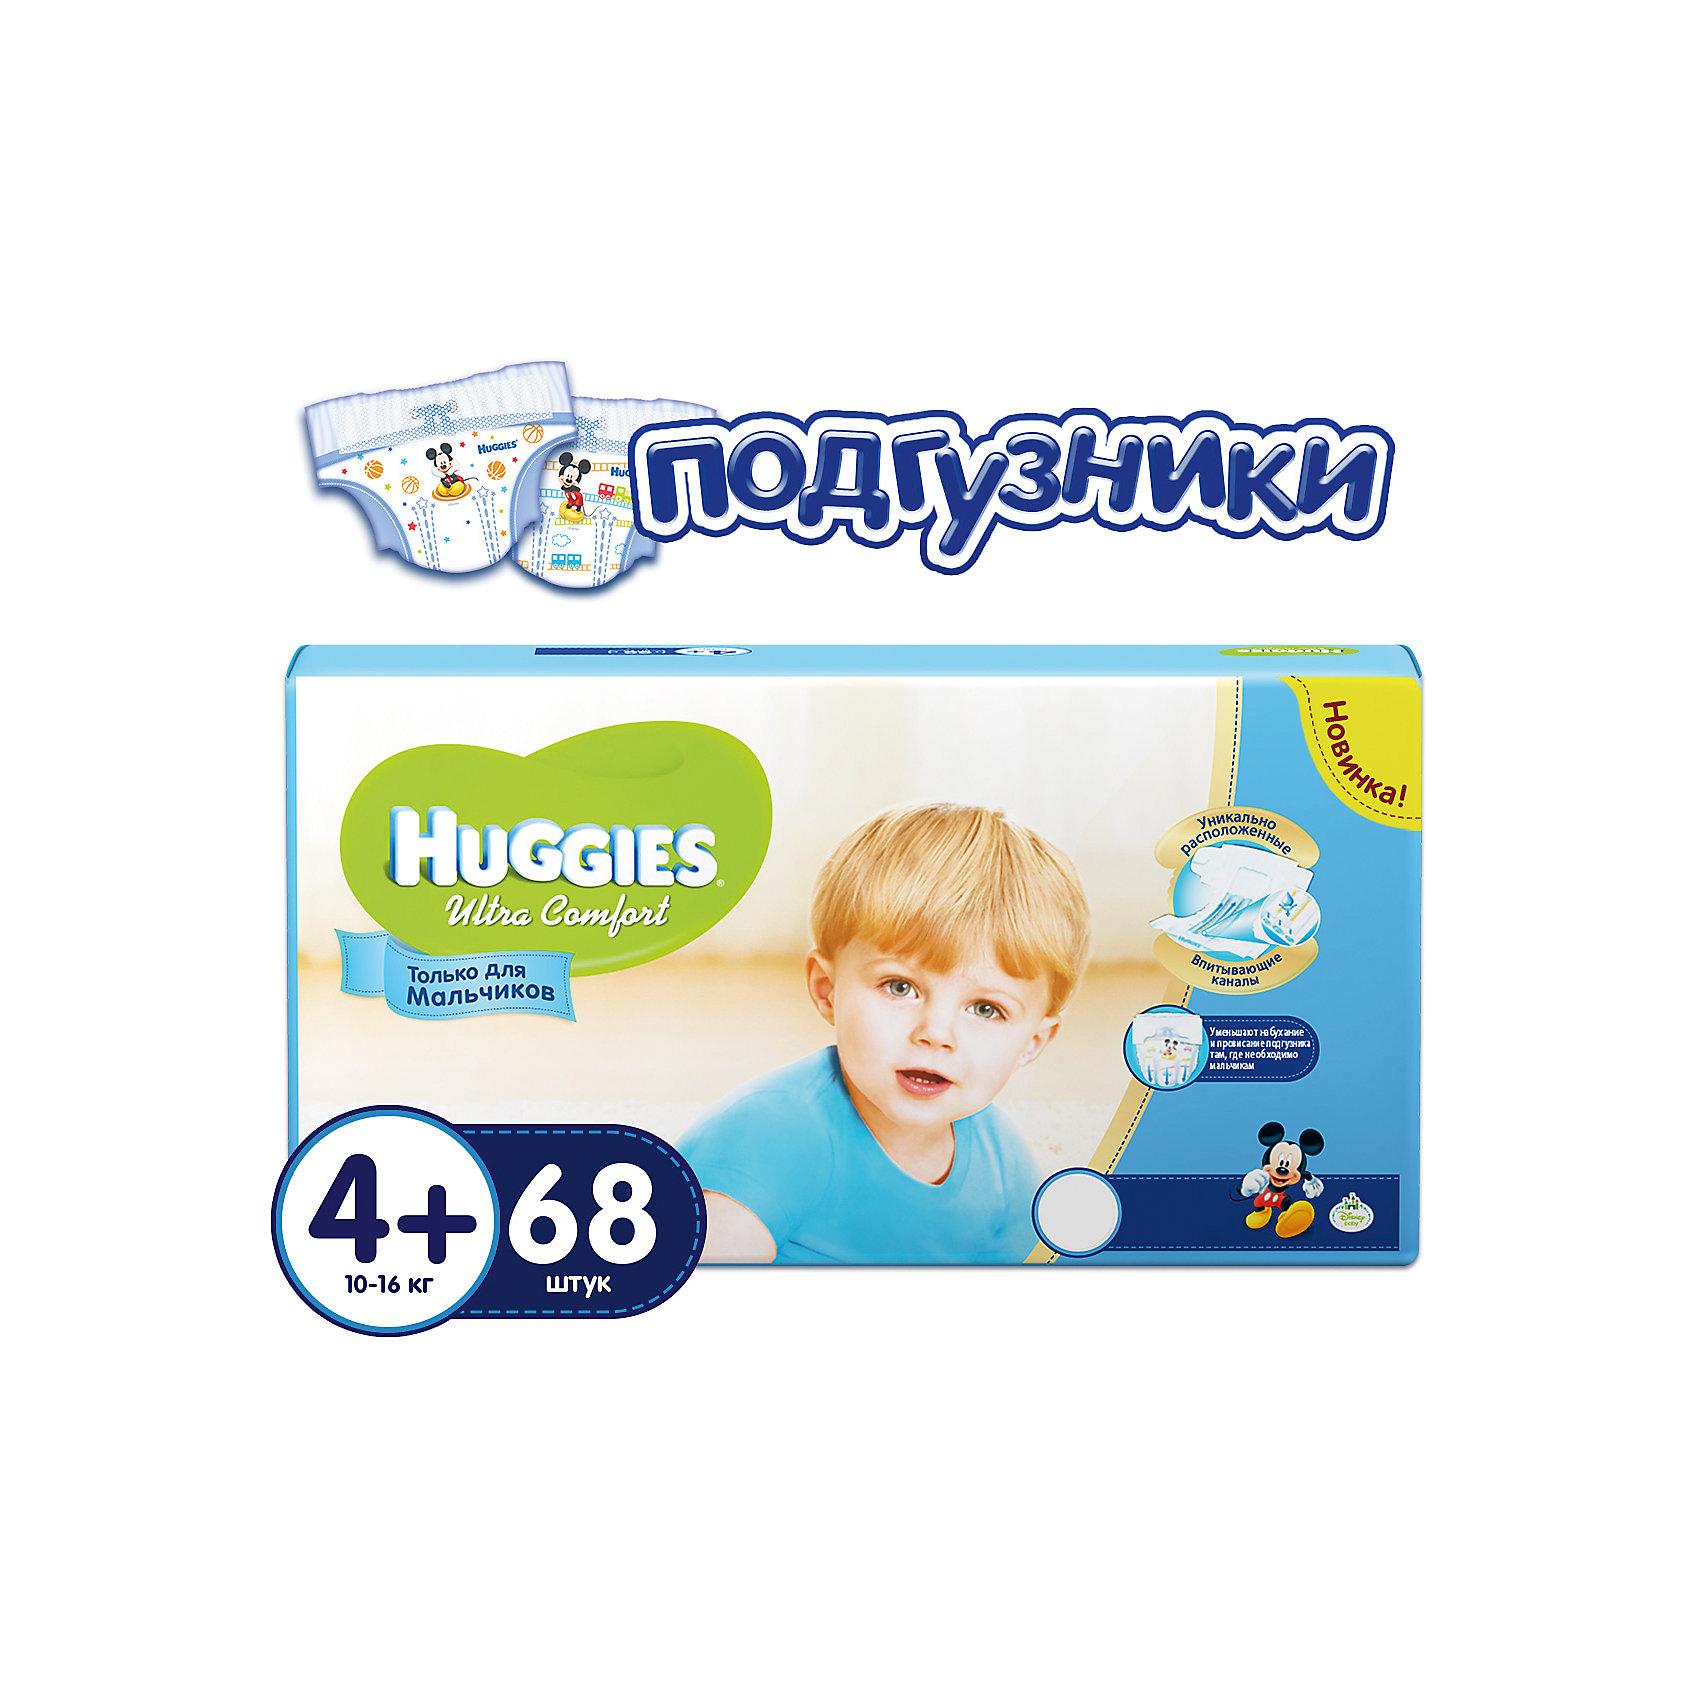 Подгузники Huggies Ultra Comfort для мальчиков Giga Pack (4+) 10-16 кг, 68 шт.Подгузники классические<br>С первых дней жизни мальчики и девочки такие разные.<br><br>Новые подгузники Huggies Ultra Comfort созданы специально для мальчиков и специально для девочек. Для лучшего впитывания распределяющий слой в этих подгузниках расположен там, где это нужнее всего: по центру для девочек и выше для мальчиков. Huggies Ultra Comfort изготовлены из мягких материалов с микропорами, которые позволяют коже «дышать». Специальные тянущиеся застежки с закругленными краями надежно фиксируют подгузник, а широкий суперэластичный поясок позволяет малышам свободно двигаться.<br><br>Ключевые преимущества новых Huggies Ultra Comfort:<br><br>- Широкий суперэластичный поясок помогает надежно фиксировать подгузник по спинке малыша и защищать кожу от натирания<br>- Анатомическая форма. Изогнутые резиночки повторяют анатомическую форму подгузника, помогая защитить от натирания между ножками <br>- Ультра мягкий внутренний слой по всей длине подгузника оберегает кожу малыша.<br>- Специально разработанный слой Dry Touch впитывает за секунды и помогает запереть влагу внутри.<br>- Яркие эксклюзивные подгузники c дизайном от Disney подчеркивают индивидуальность маленьких модников и модниц.<br><br>Huggies Ultra Comfort для мальчиков и для девочек — потому что они такие разные.<br><br>Дополнительная информация:<br><br>Для мальчиков.<br>Размер: 4+, 10-16 кг.<br>В упаковке: 68 шт.<br><br>Подгузники Huggies Ultra Comfort для мальчиков Giga Pack (4+) 10-16 кг, 68 шт. можно купить в нашем интернет-магазине.<br><br>Ширина мм: 450<br>Глубина мм: 300<br>Высота мм: 107<br>Вес г: 2652<br>Возраст от месяцев: 6<br>Возраст до месяцев: 24<br>Пол: Мужской<br>Возраст: Детский<br>SKU: 3472250